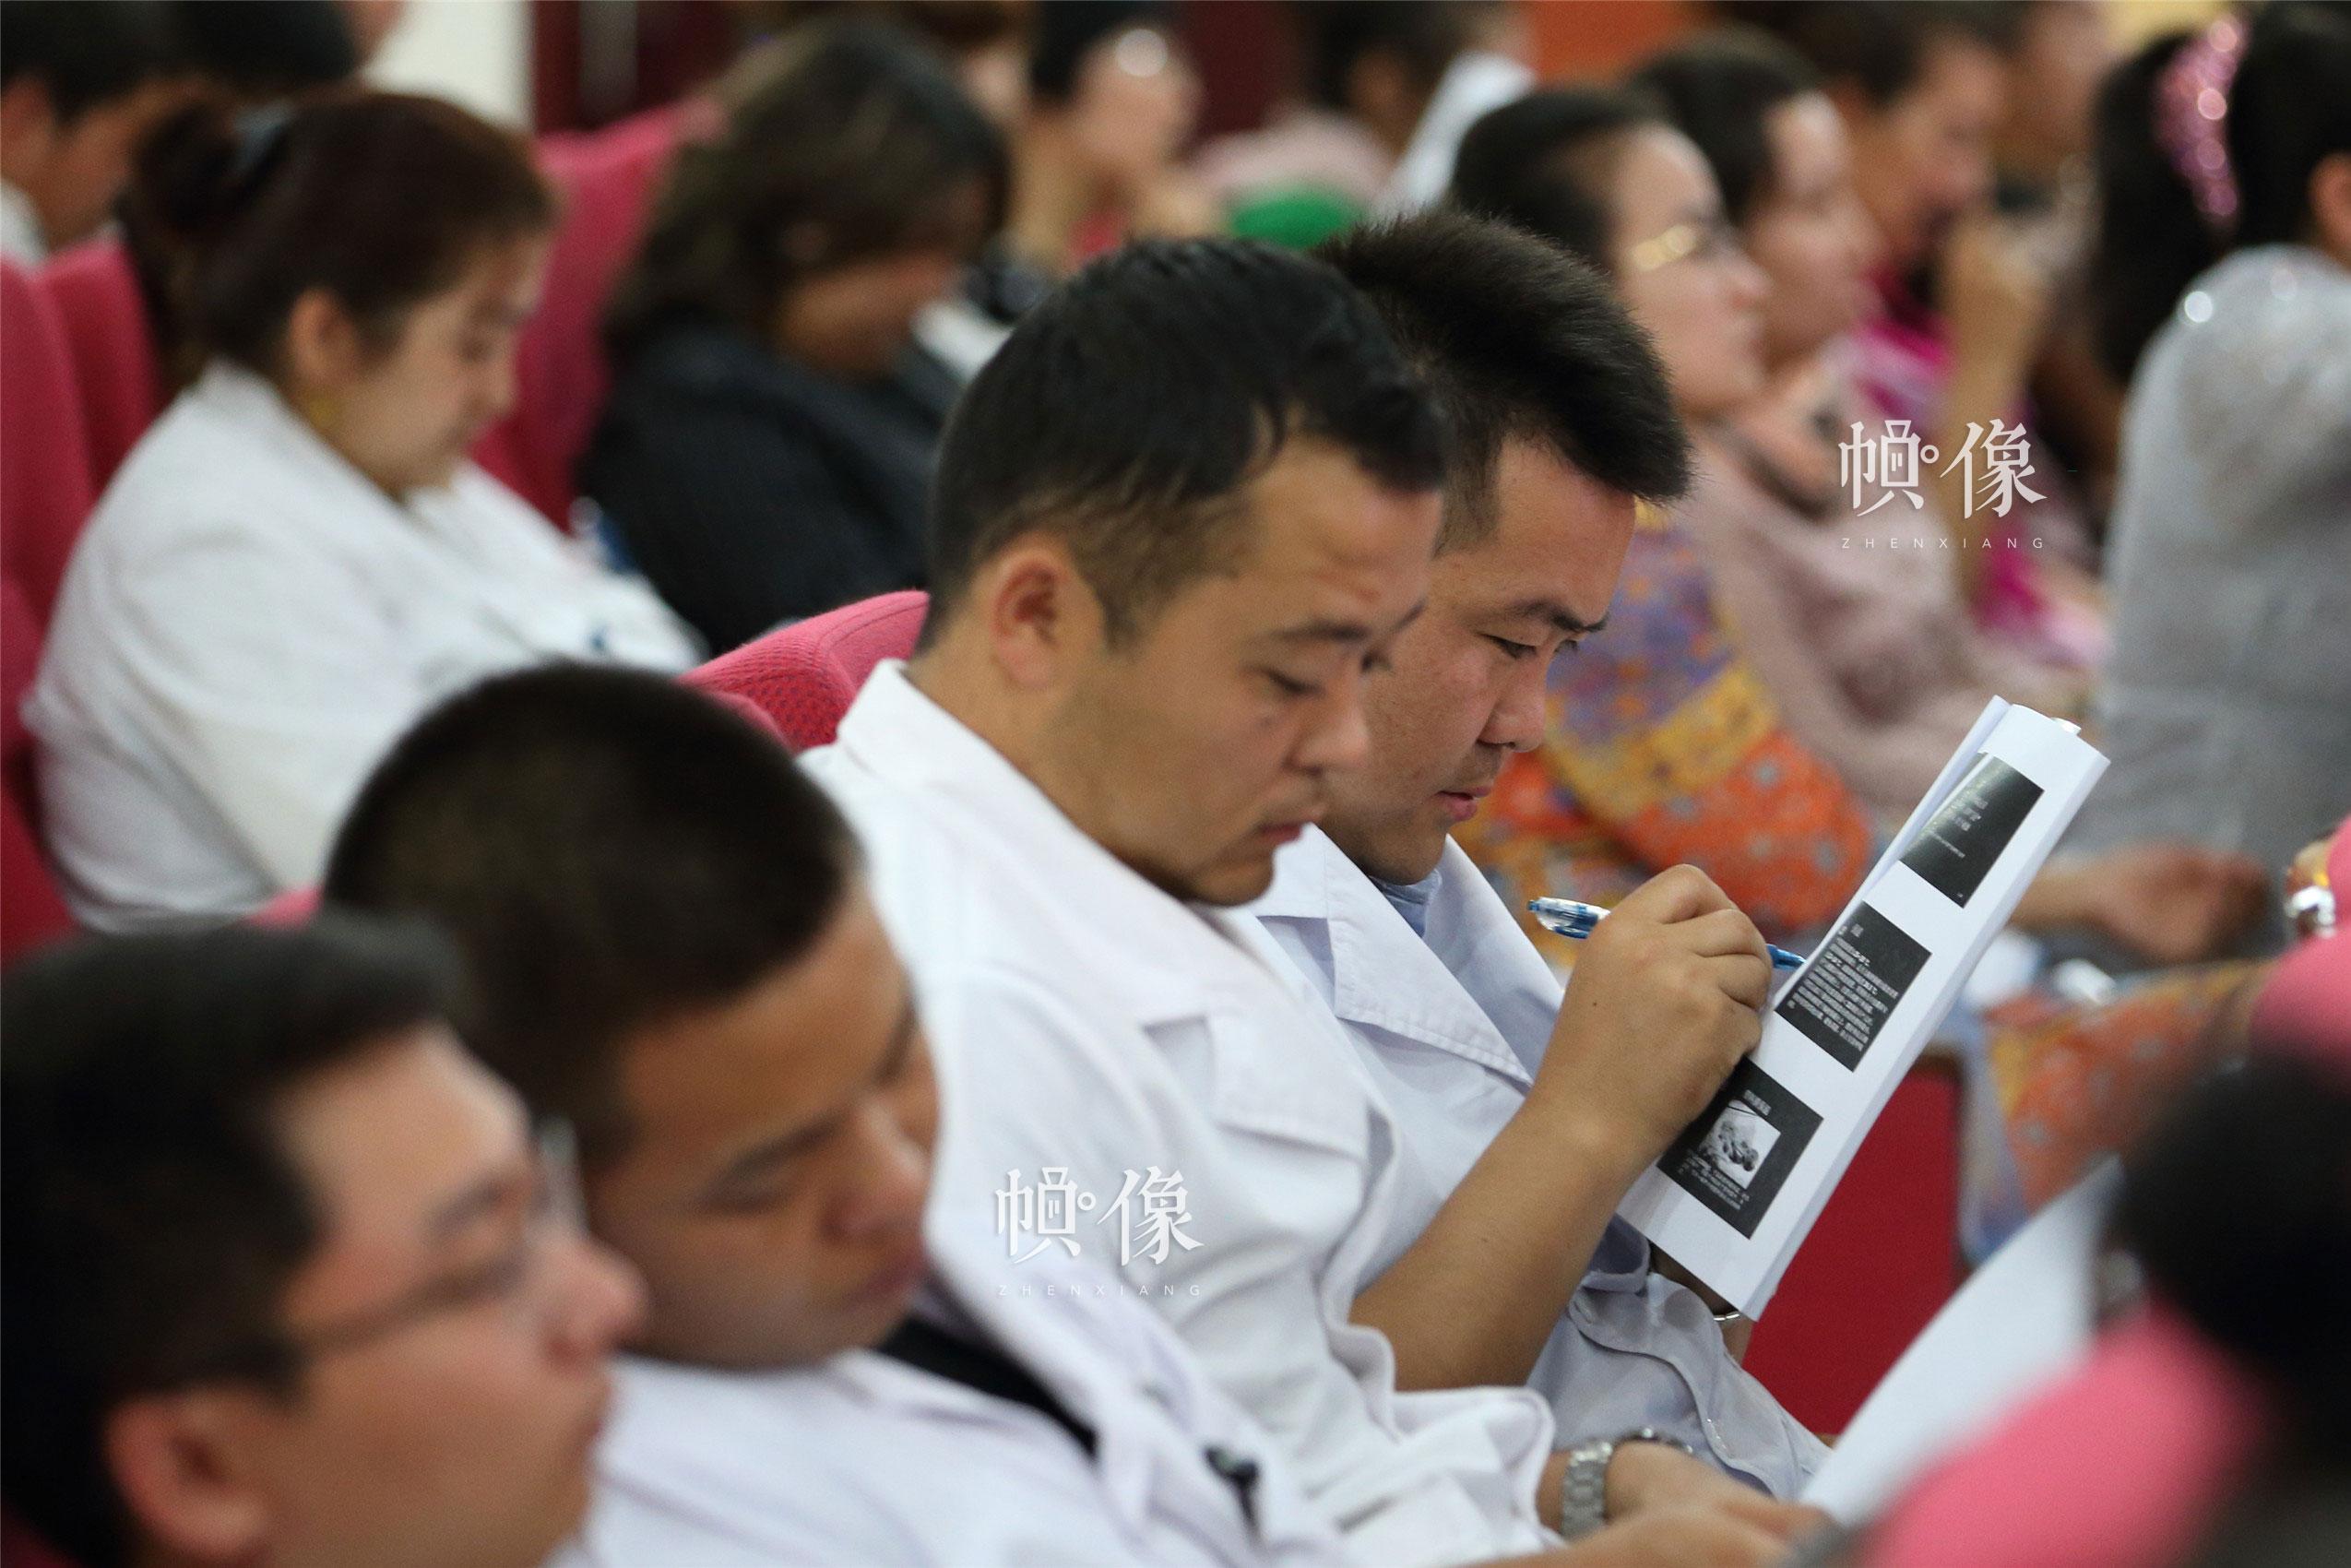 新疆克州阿合奇镇卫生院科主任托合塔洪填写儿科医师专项培训项目调查问卷。中国网记者 陈维松 摄